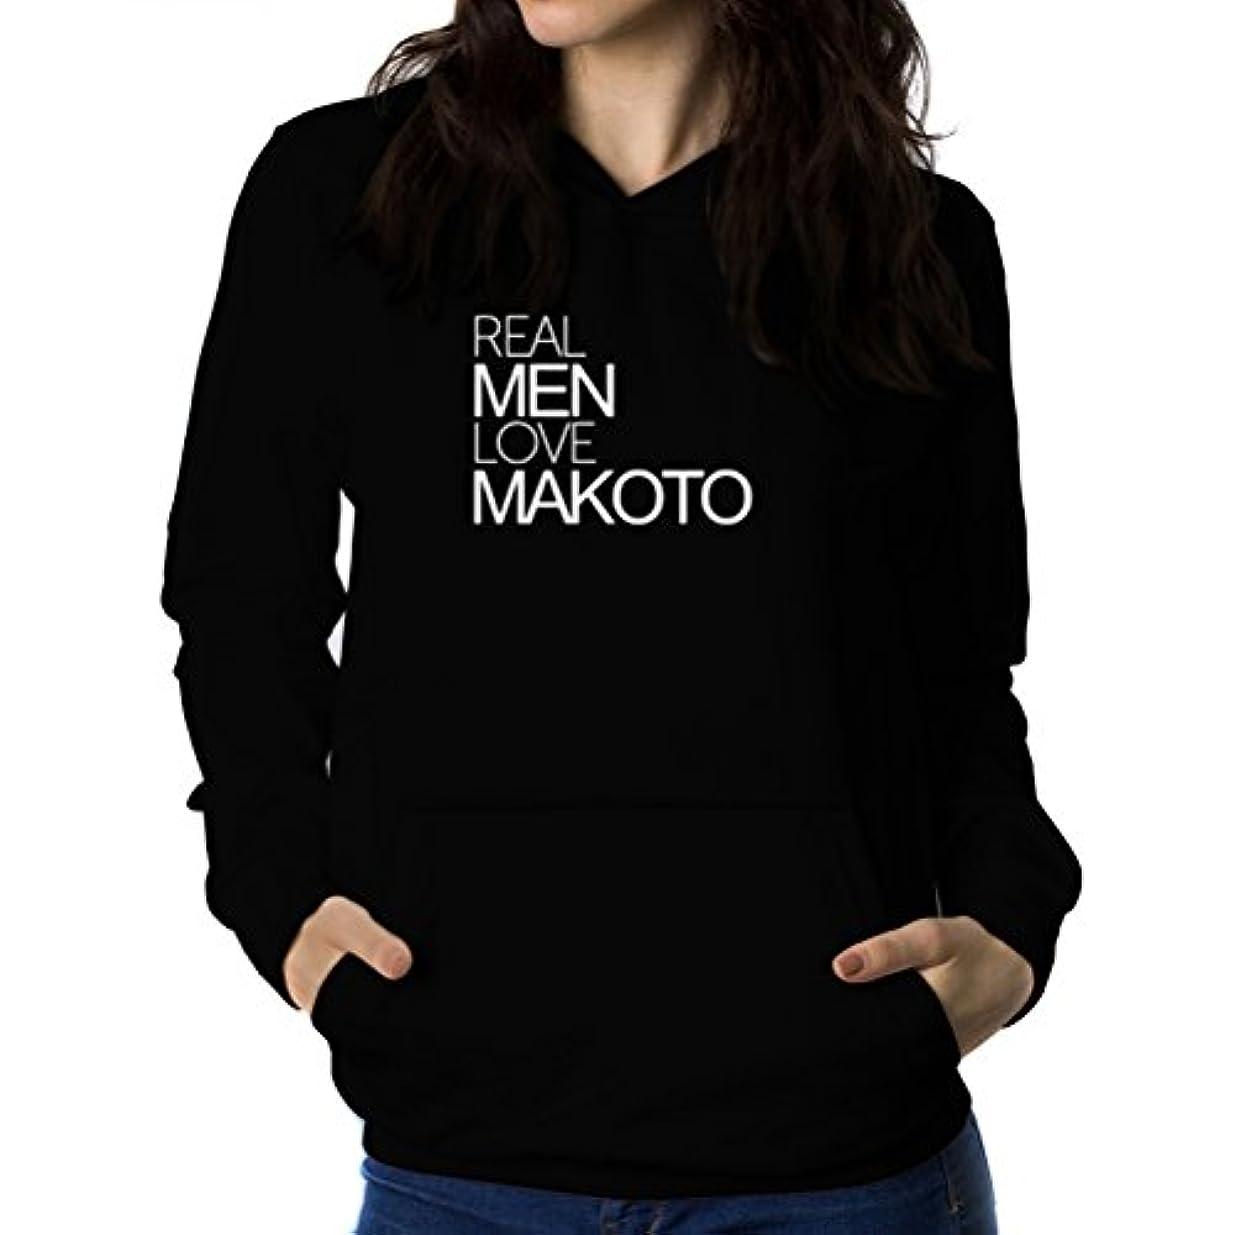 細心のウルル忘れるReal men love Makoto 女性 フーディー